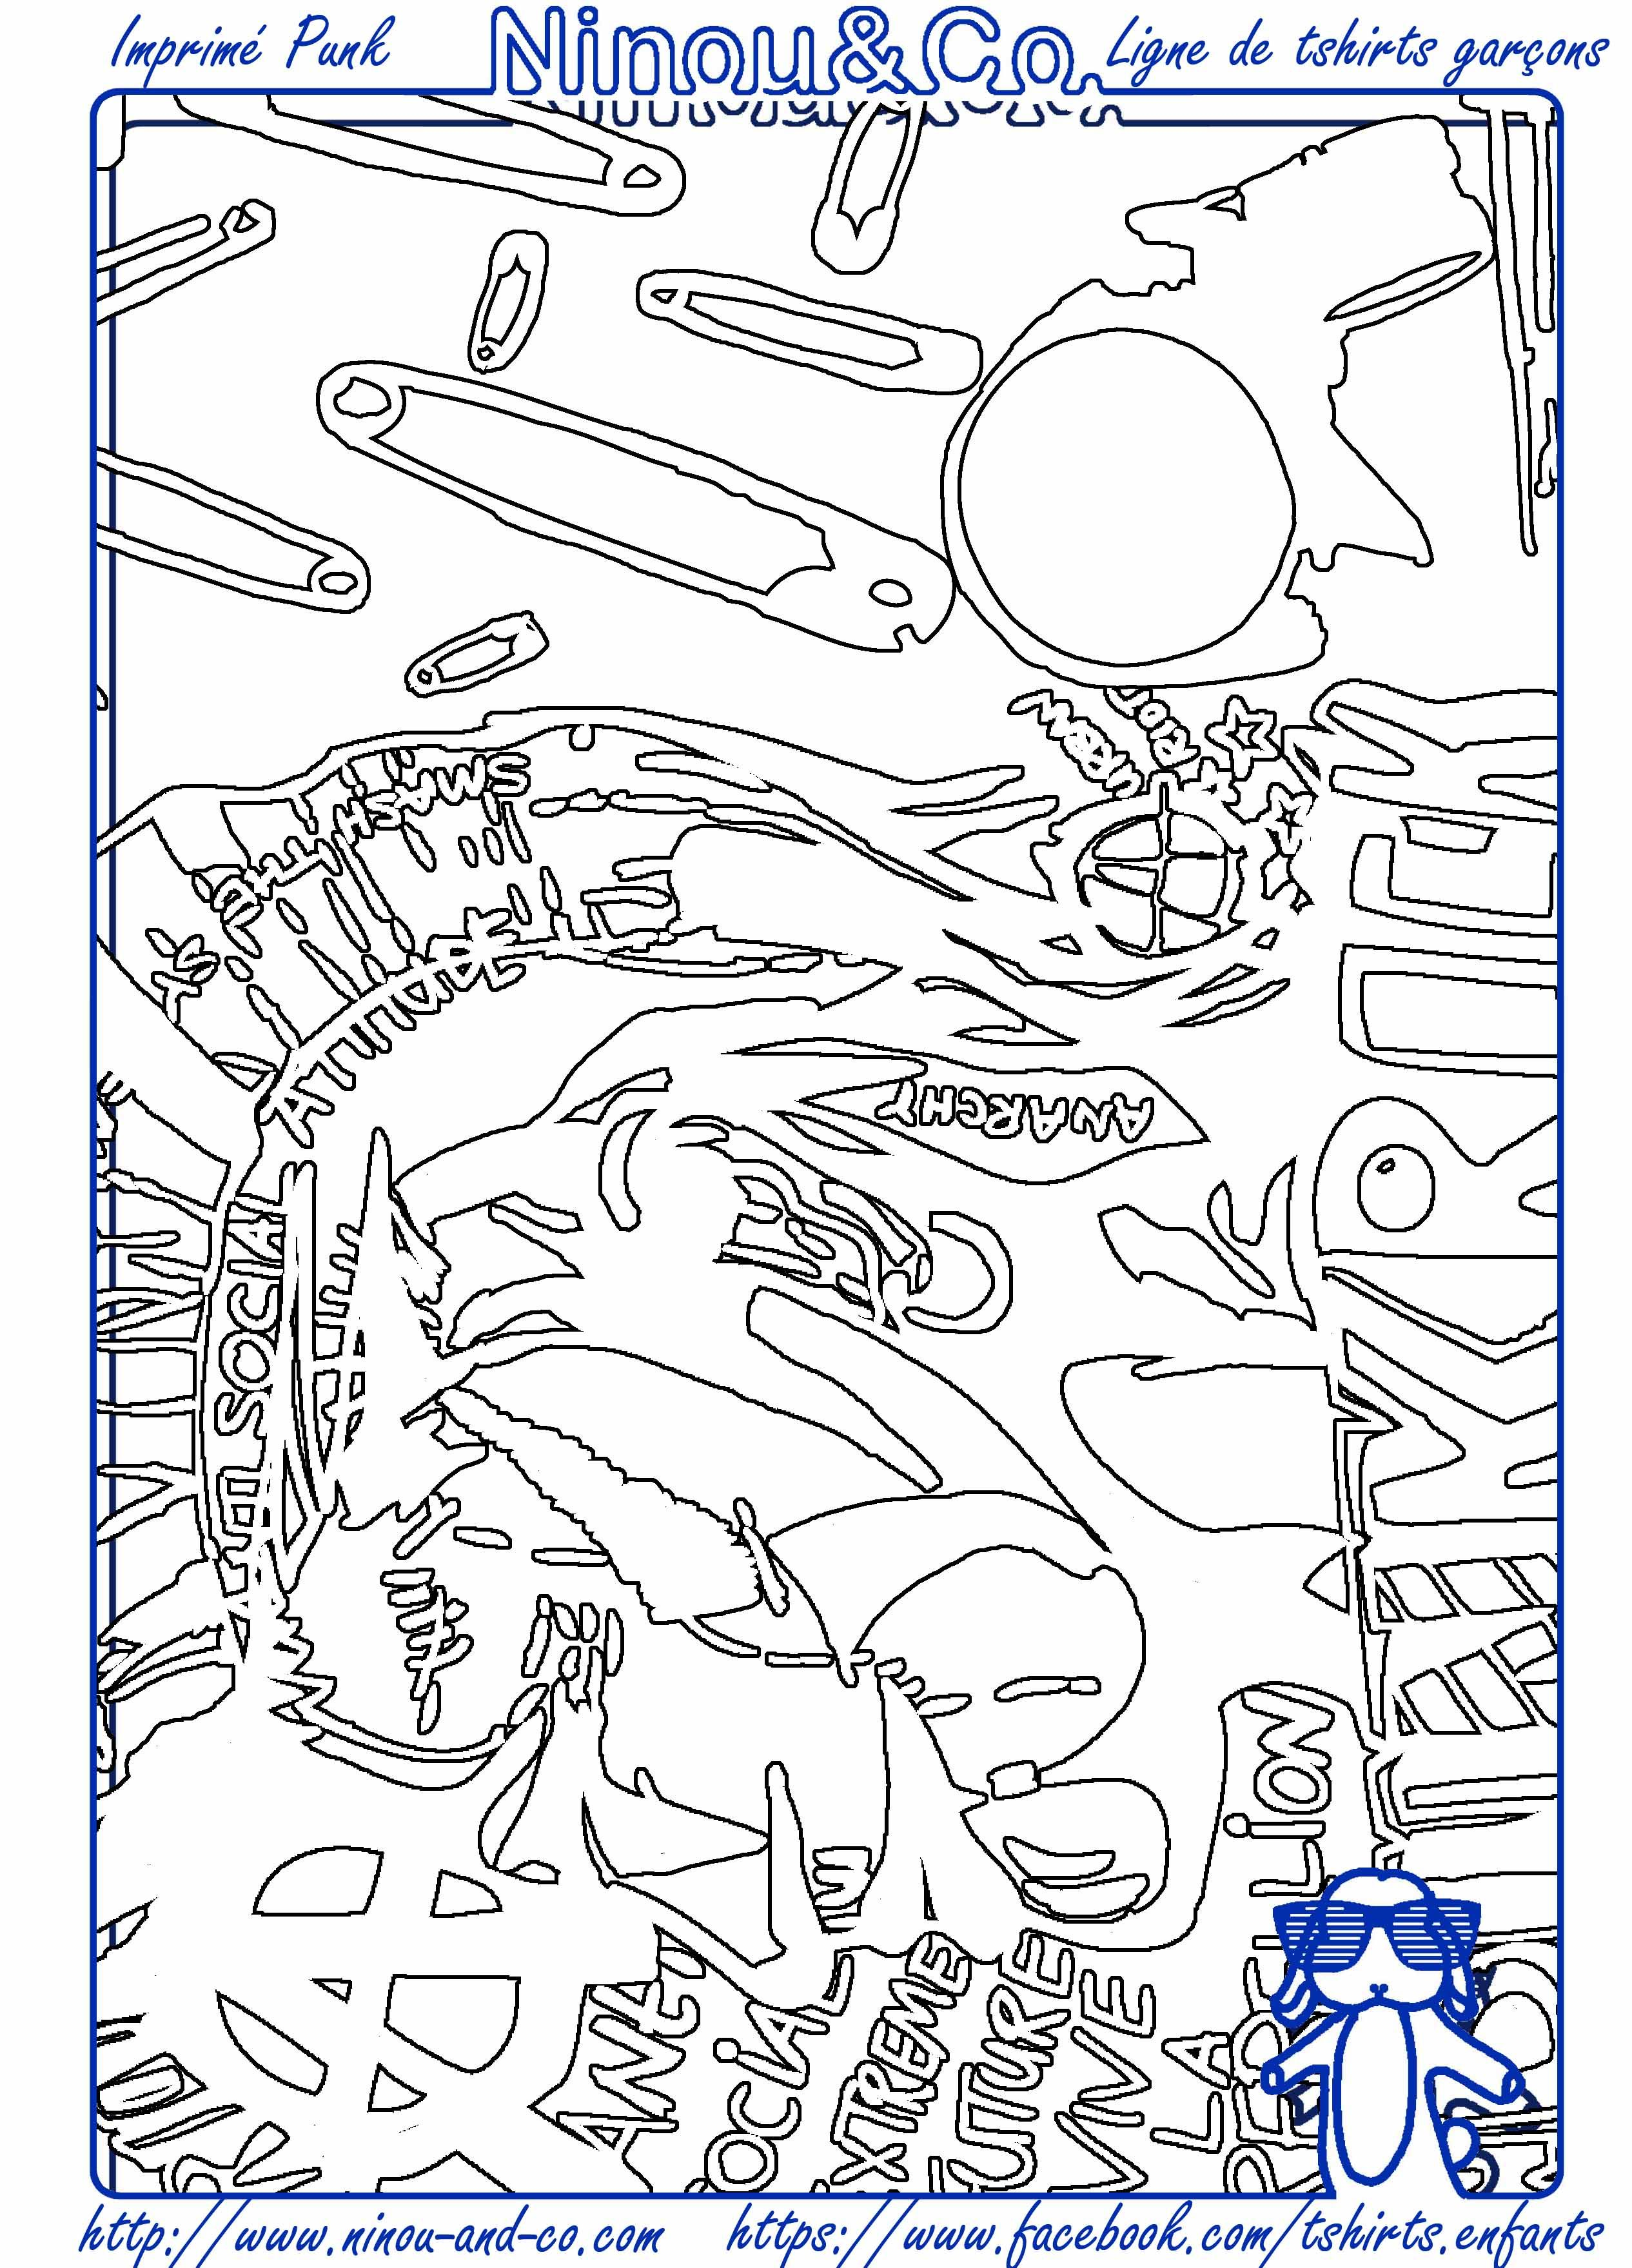 Notre imprimé PUNK prêt à être colorié par vos Ninou. N\'hésitez pas ...